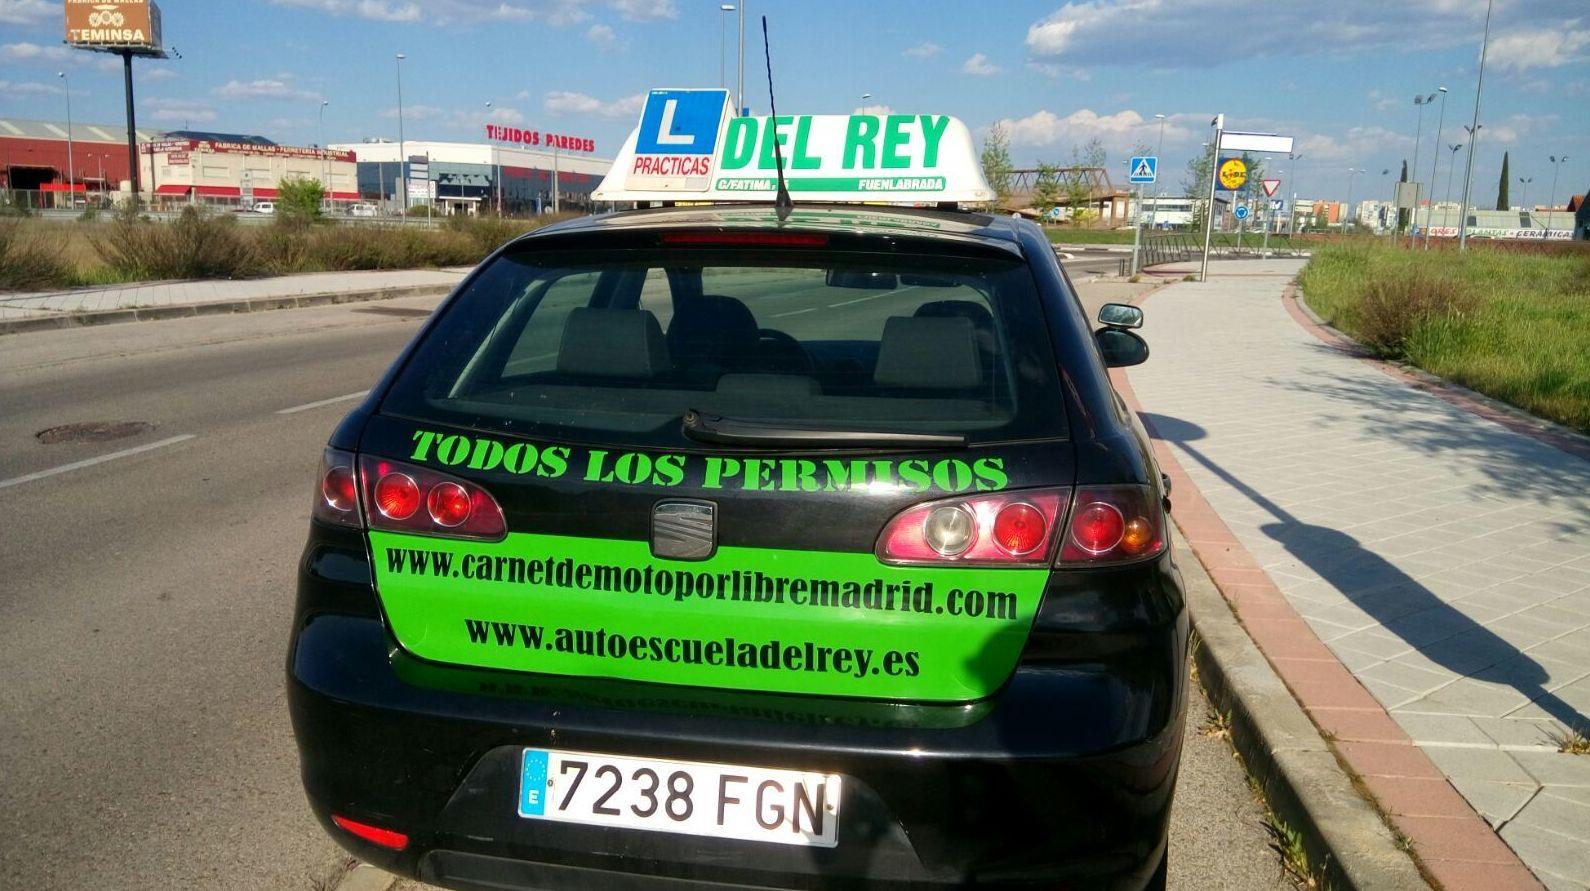 CARNET DE MOTO POR LIBRE MADRID